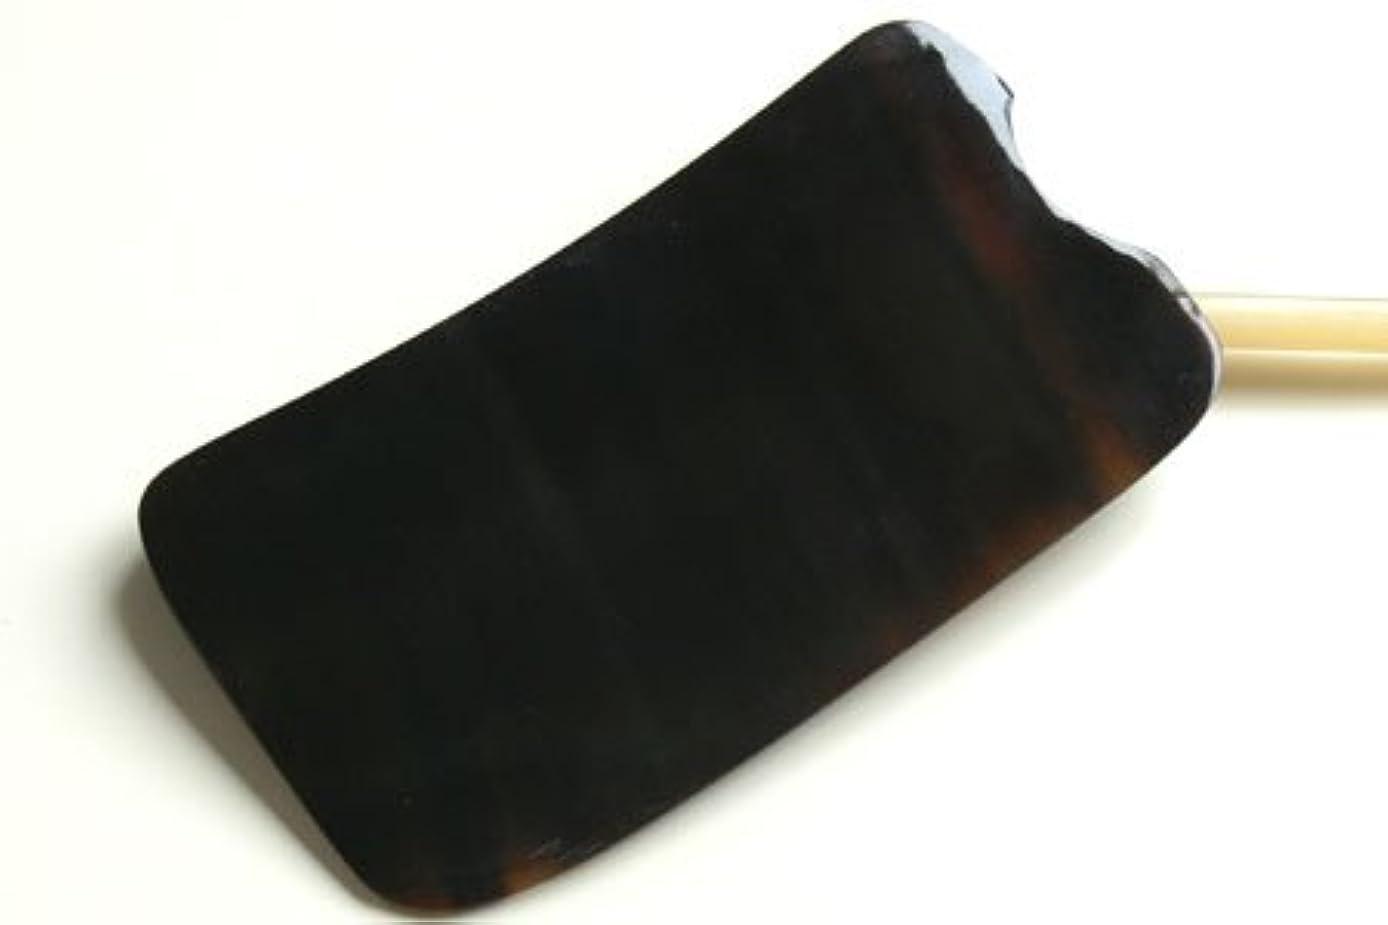 定常酔って相関するかっさ板、美容、刮莎板、グアシャ板,水牛角製